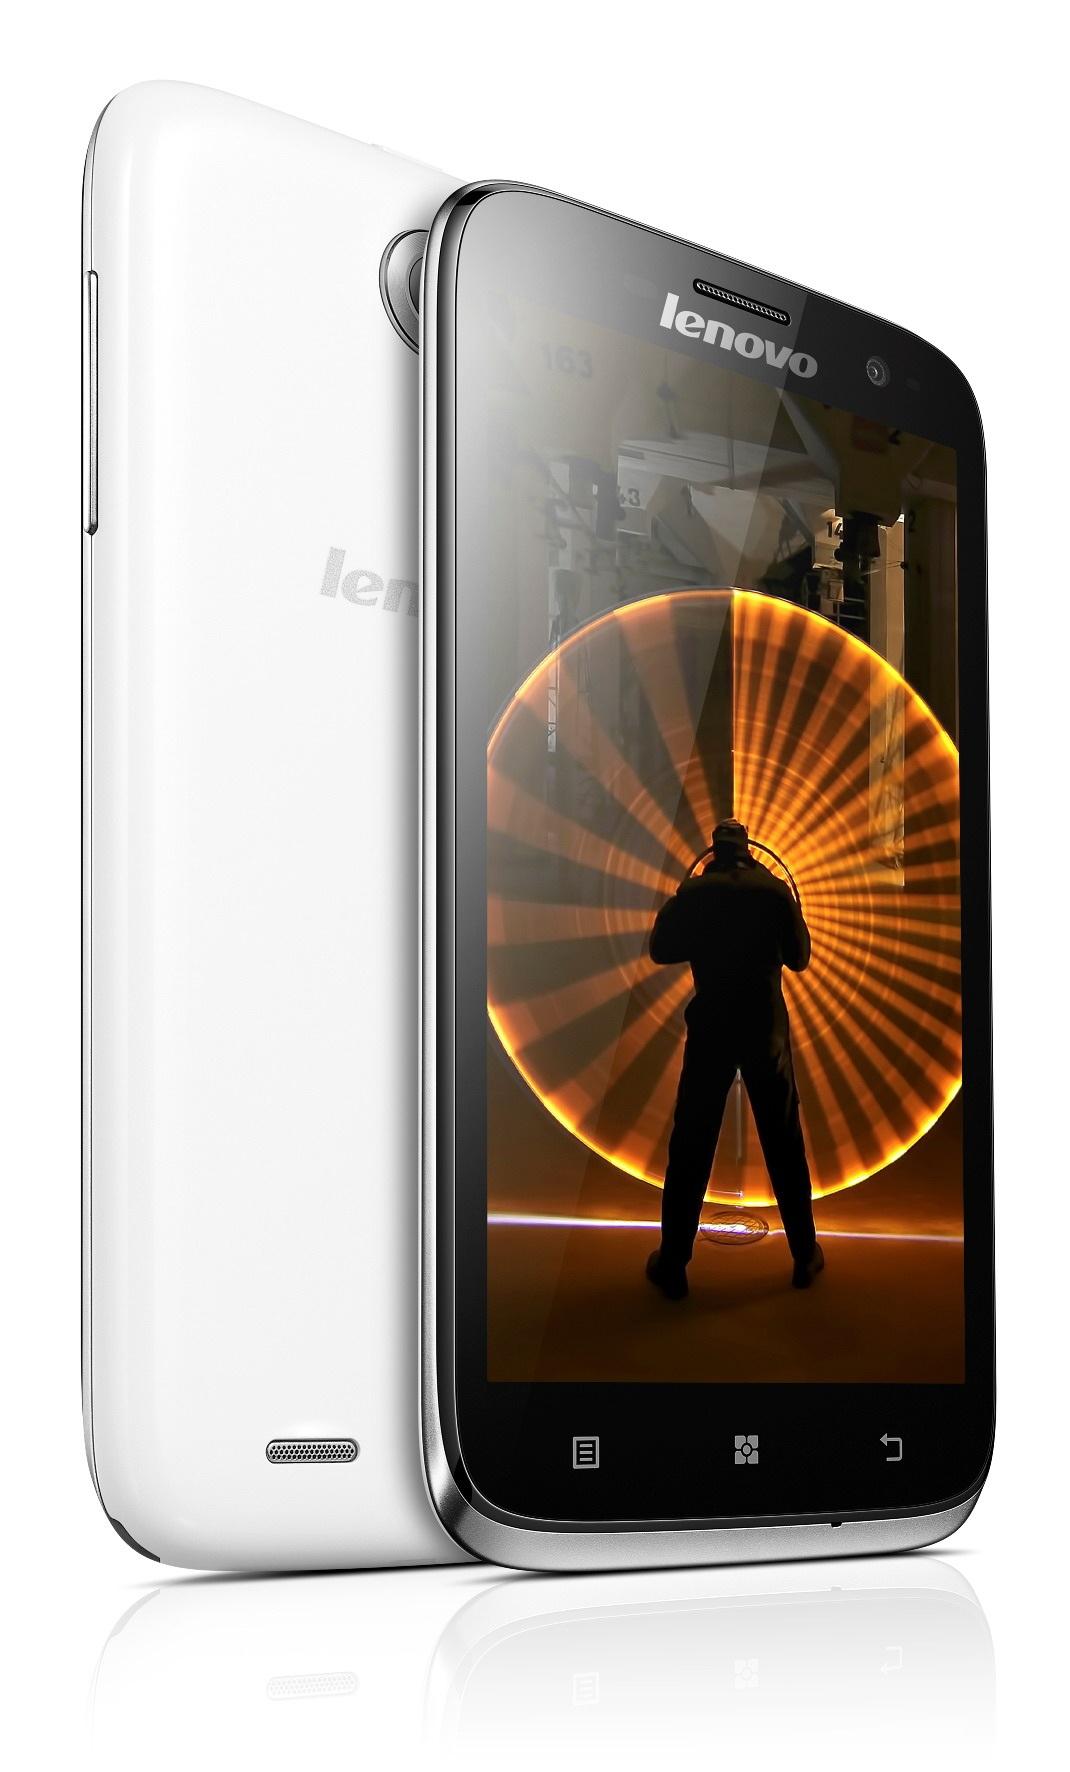 Đánh giá Lenovo A859 – đa năng với màn hình lớn